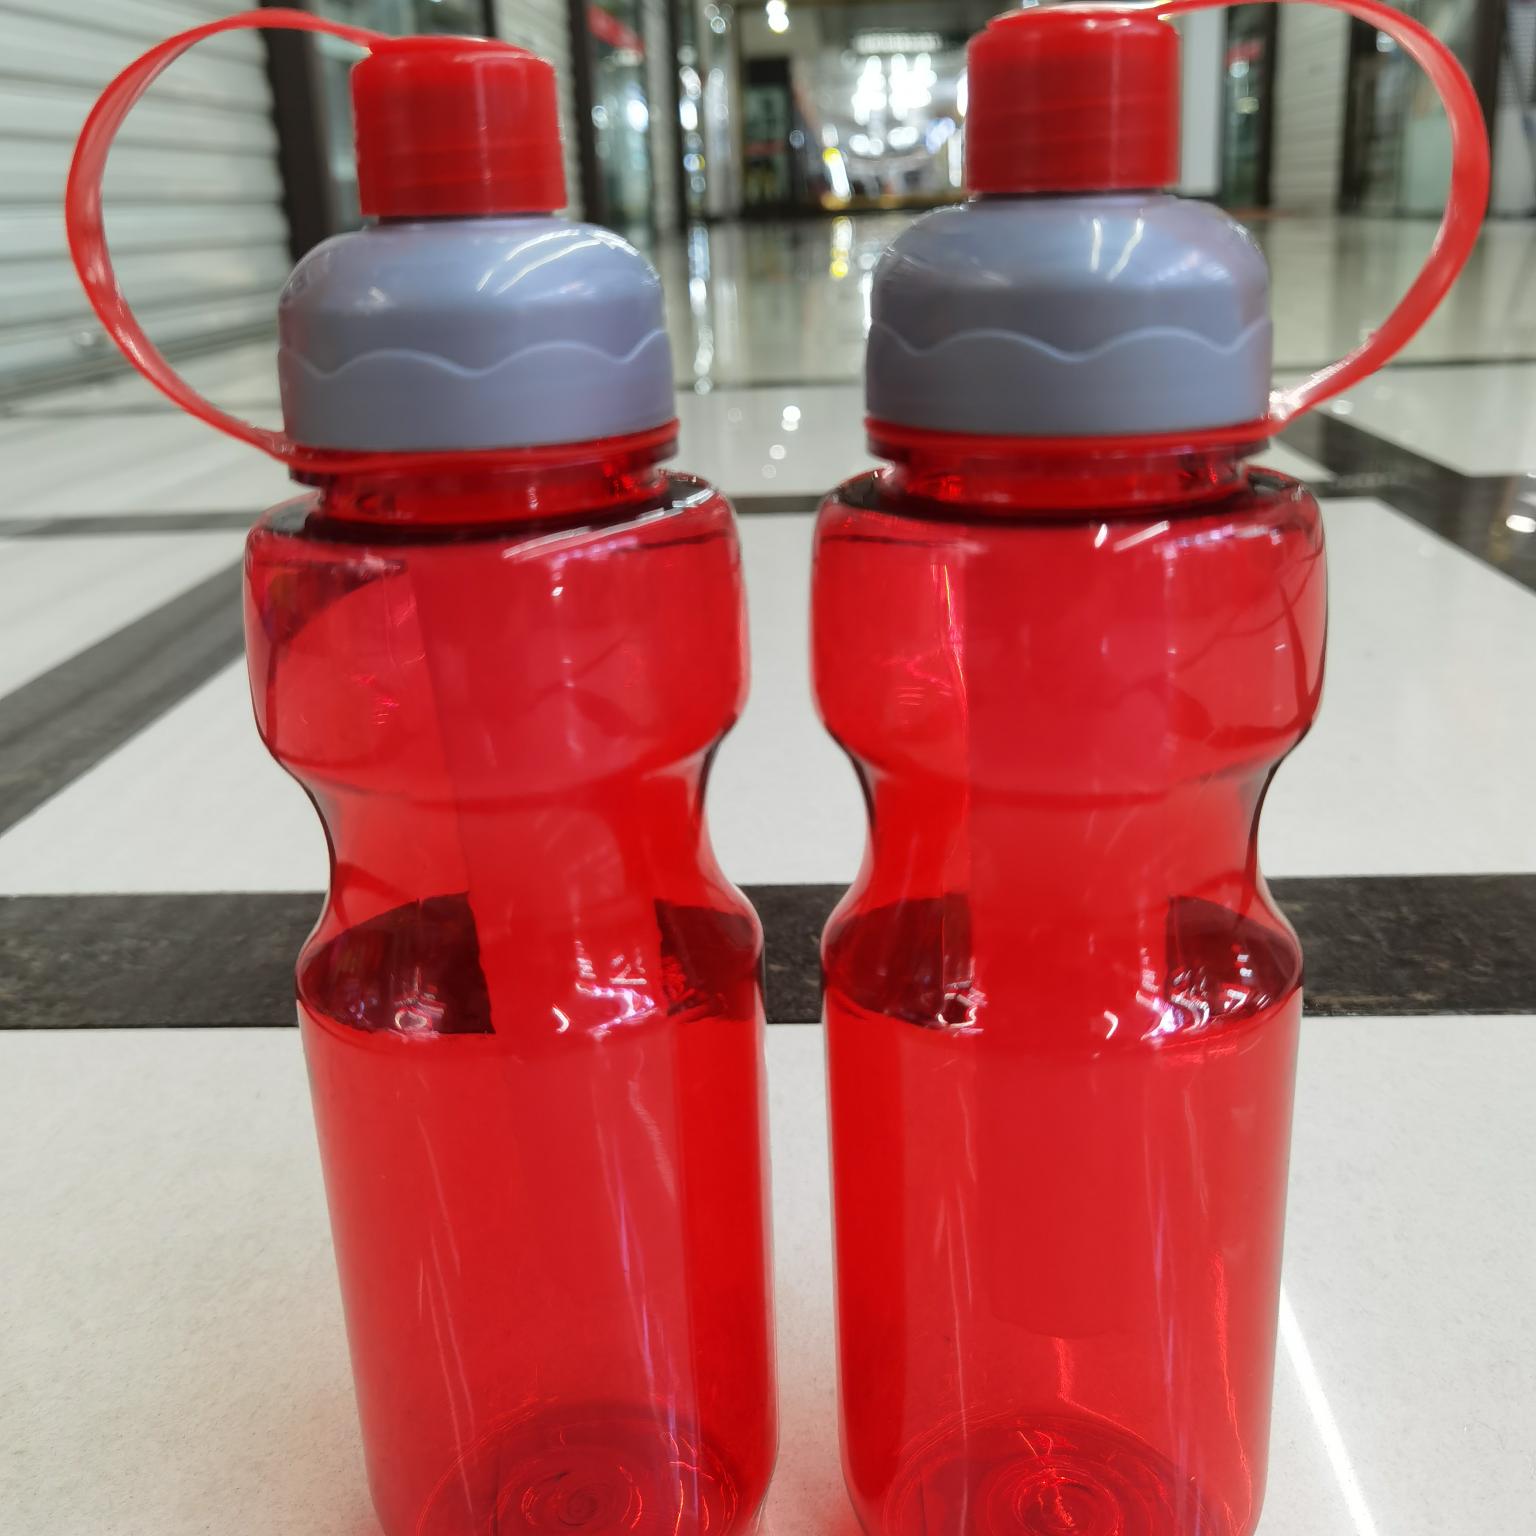 简约冰杯户外手提太空杯创意便携登山运动水壶夏日冰棒杯健身水壶